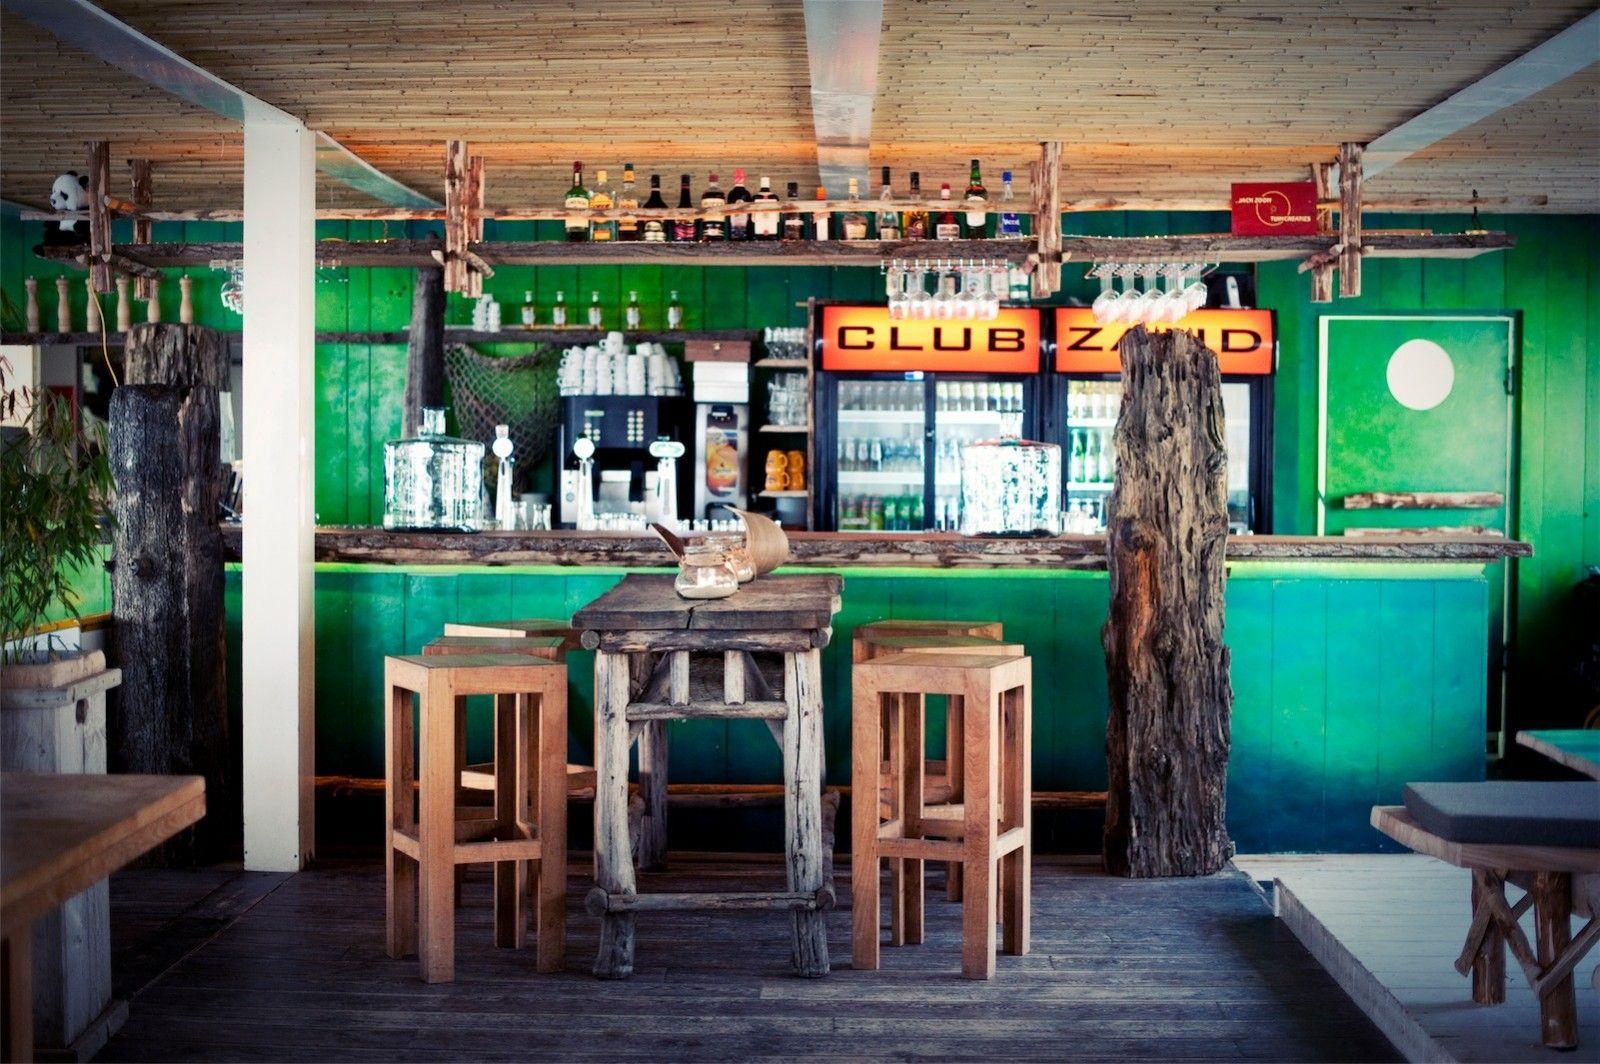 Strandpaviljoen Club Zand op het strand van Castricum (Noord-Holland)